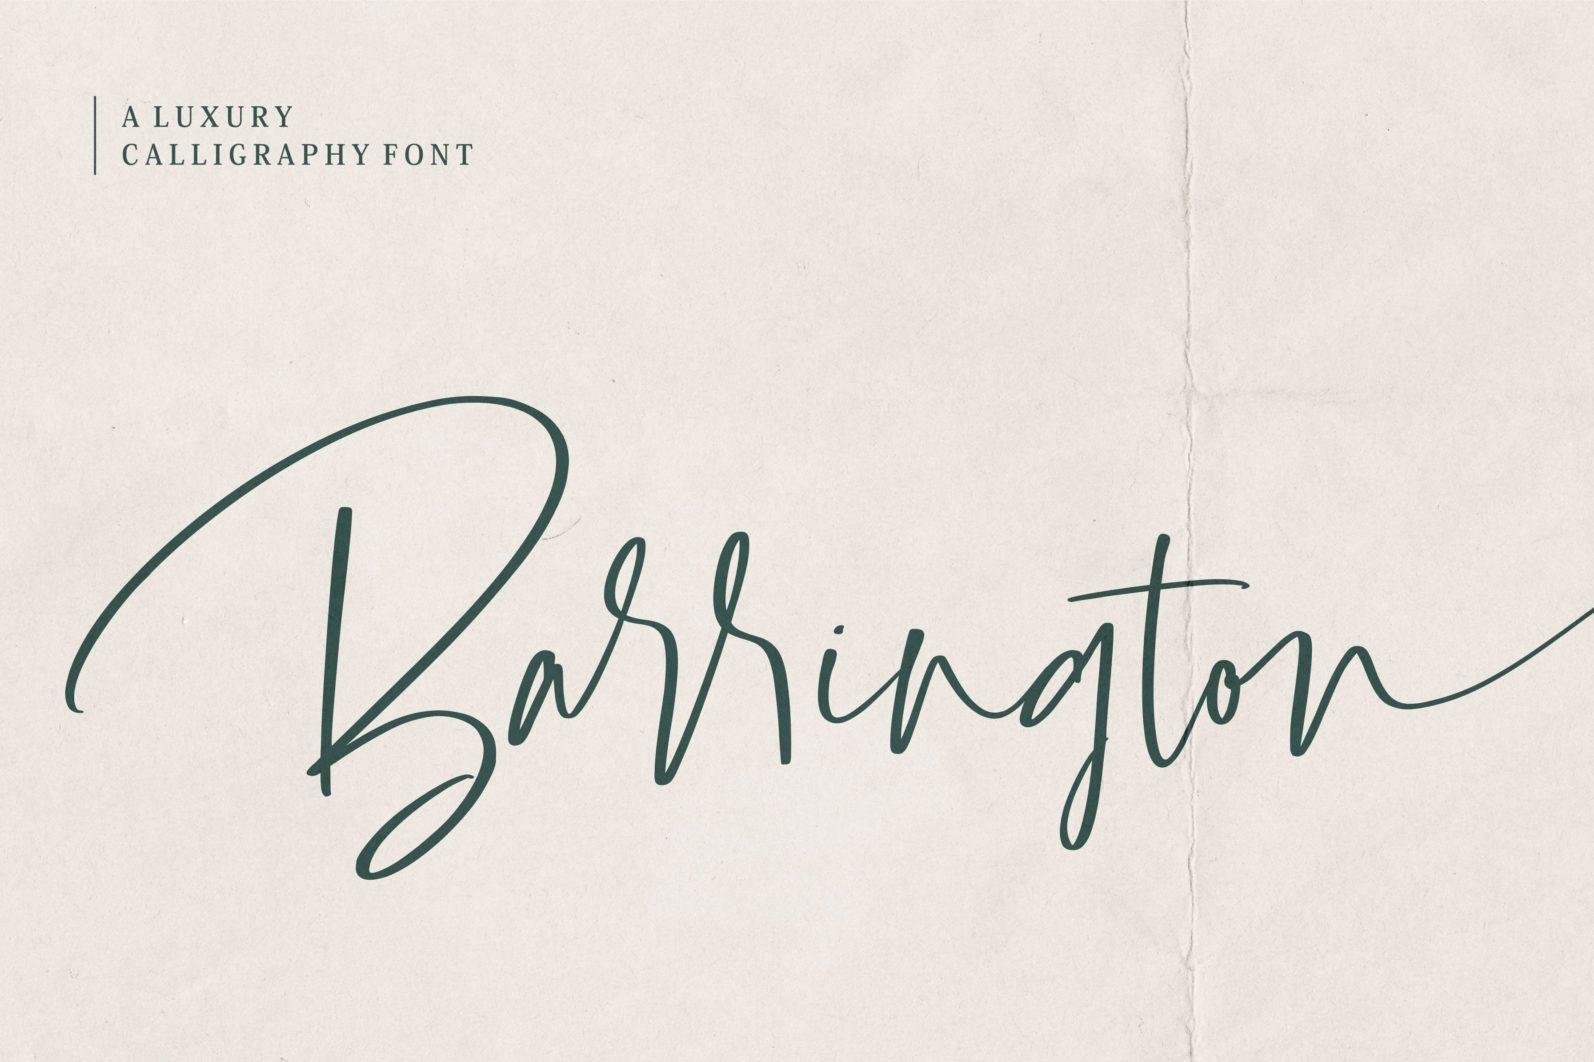 Barrington - ori 3591527 3v37vkpes5kculfgkg2w9mwpxsa4u3fwj52rvbjn barrington font scaled -